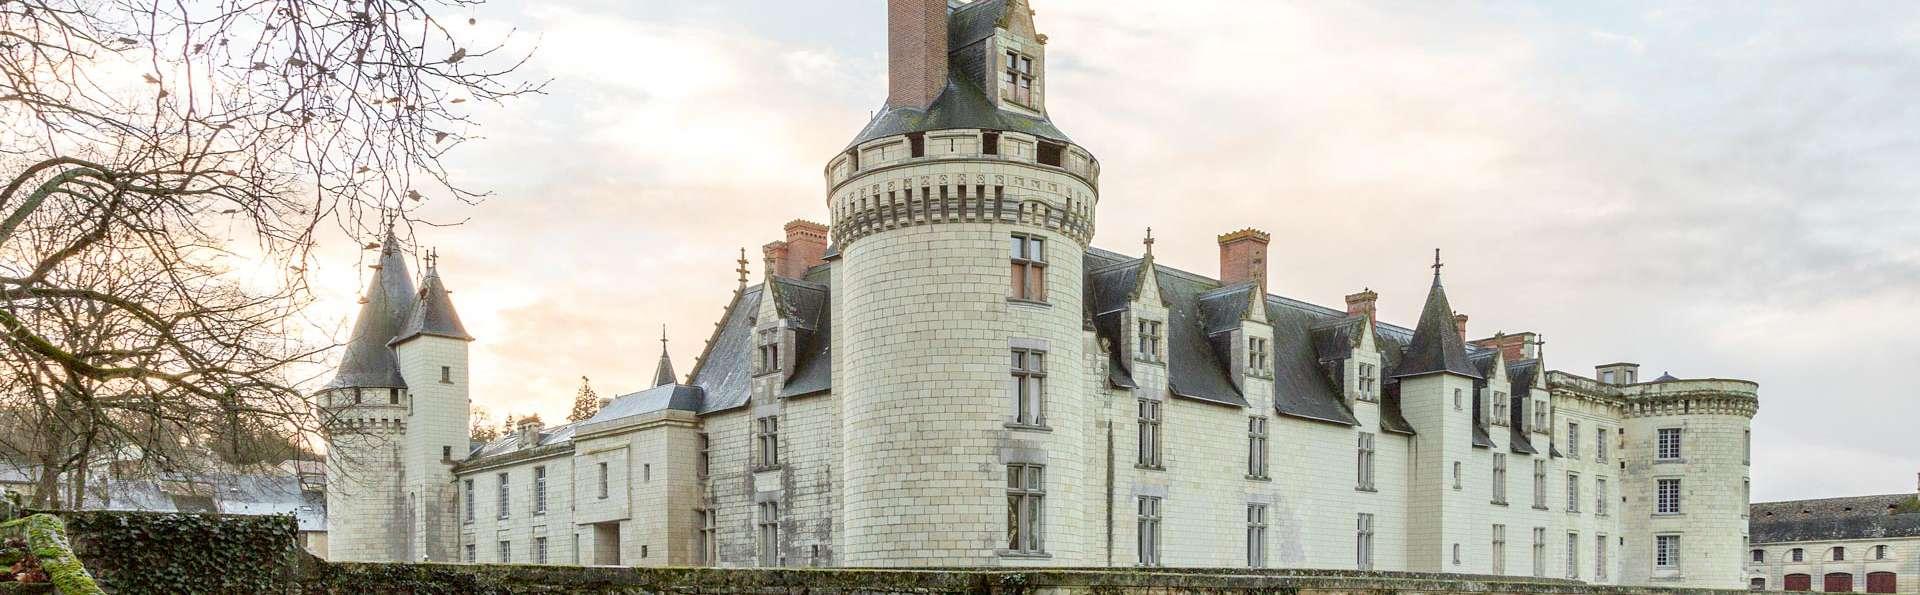 Château de Dissay, The Originals Collection - EDIT_N2_FRONT_03.jpg